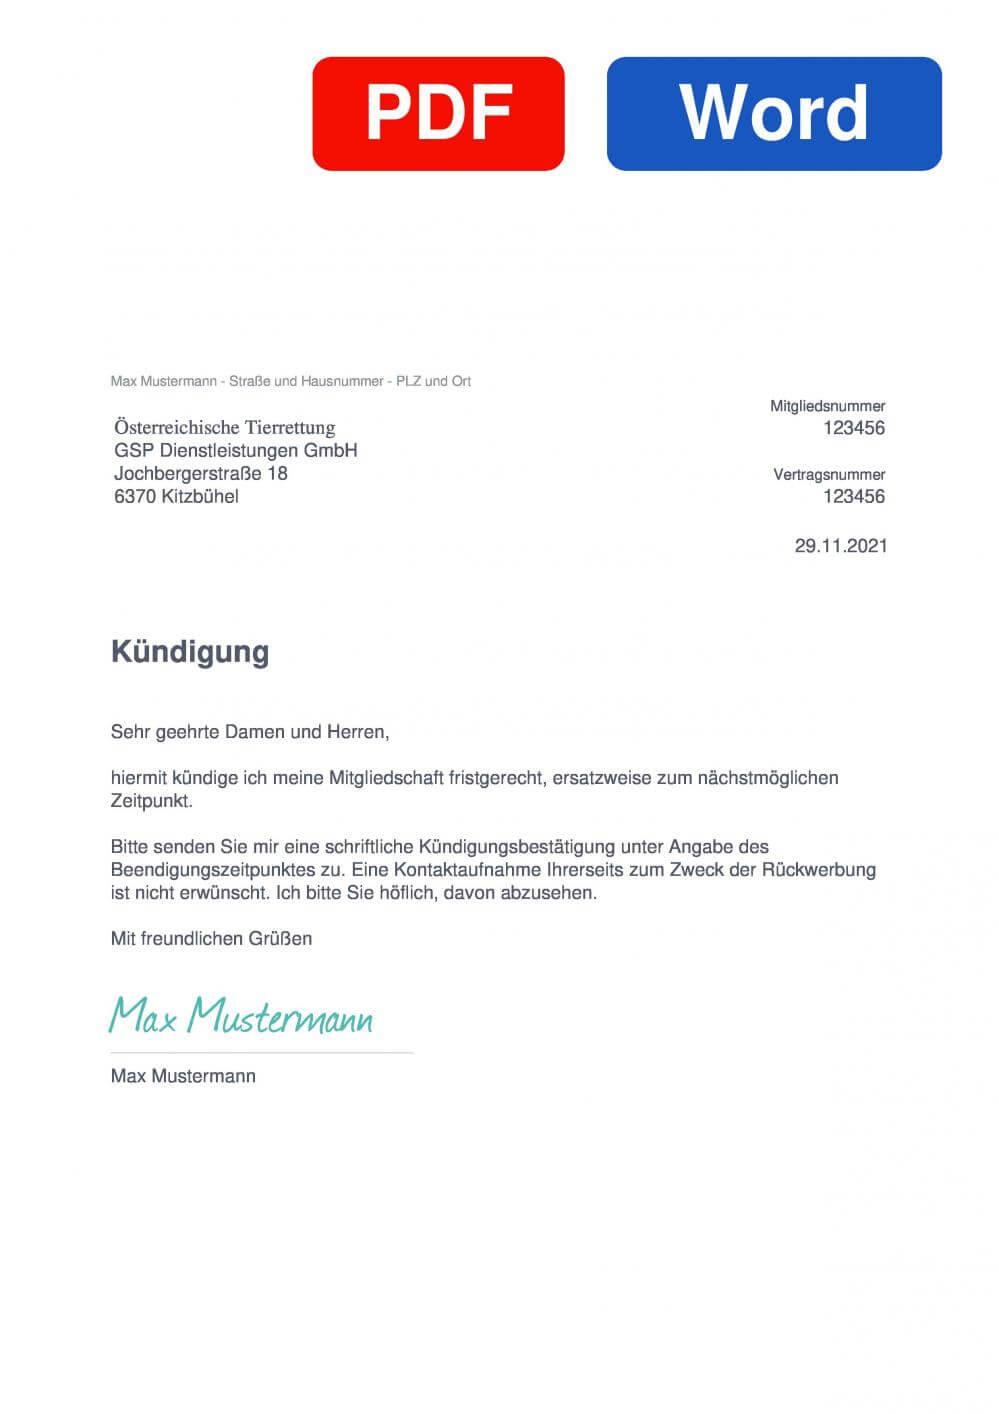 Österreichische Tierrettung Muster Vorlage für Kündigungsschreiben